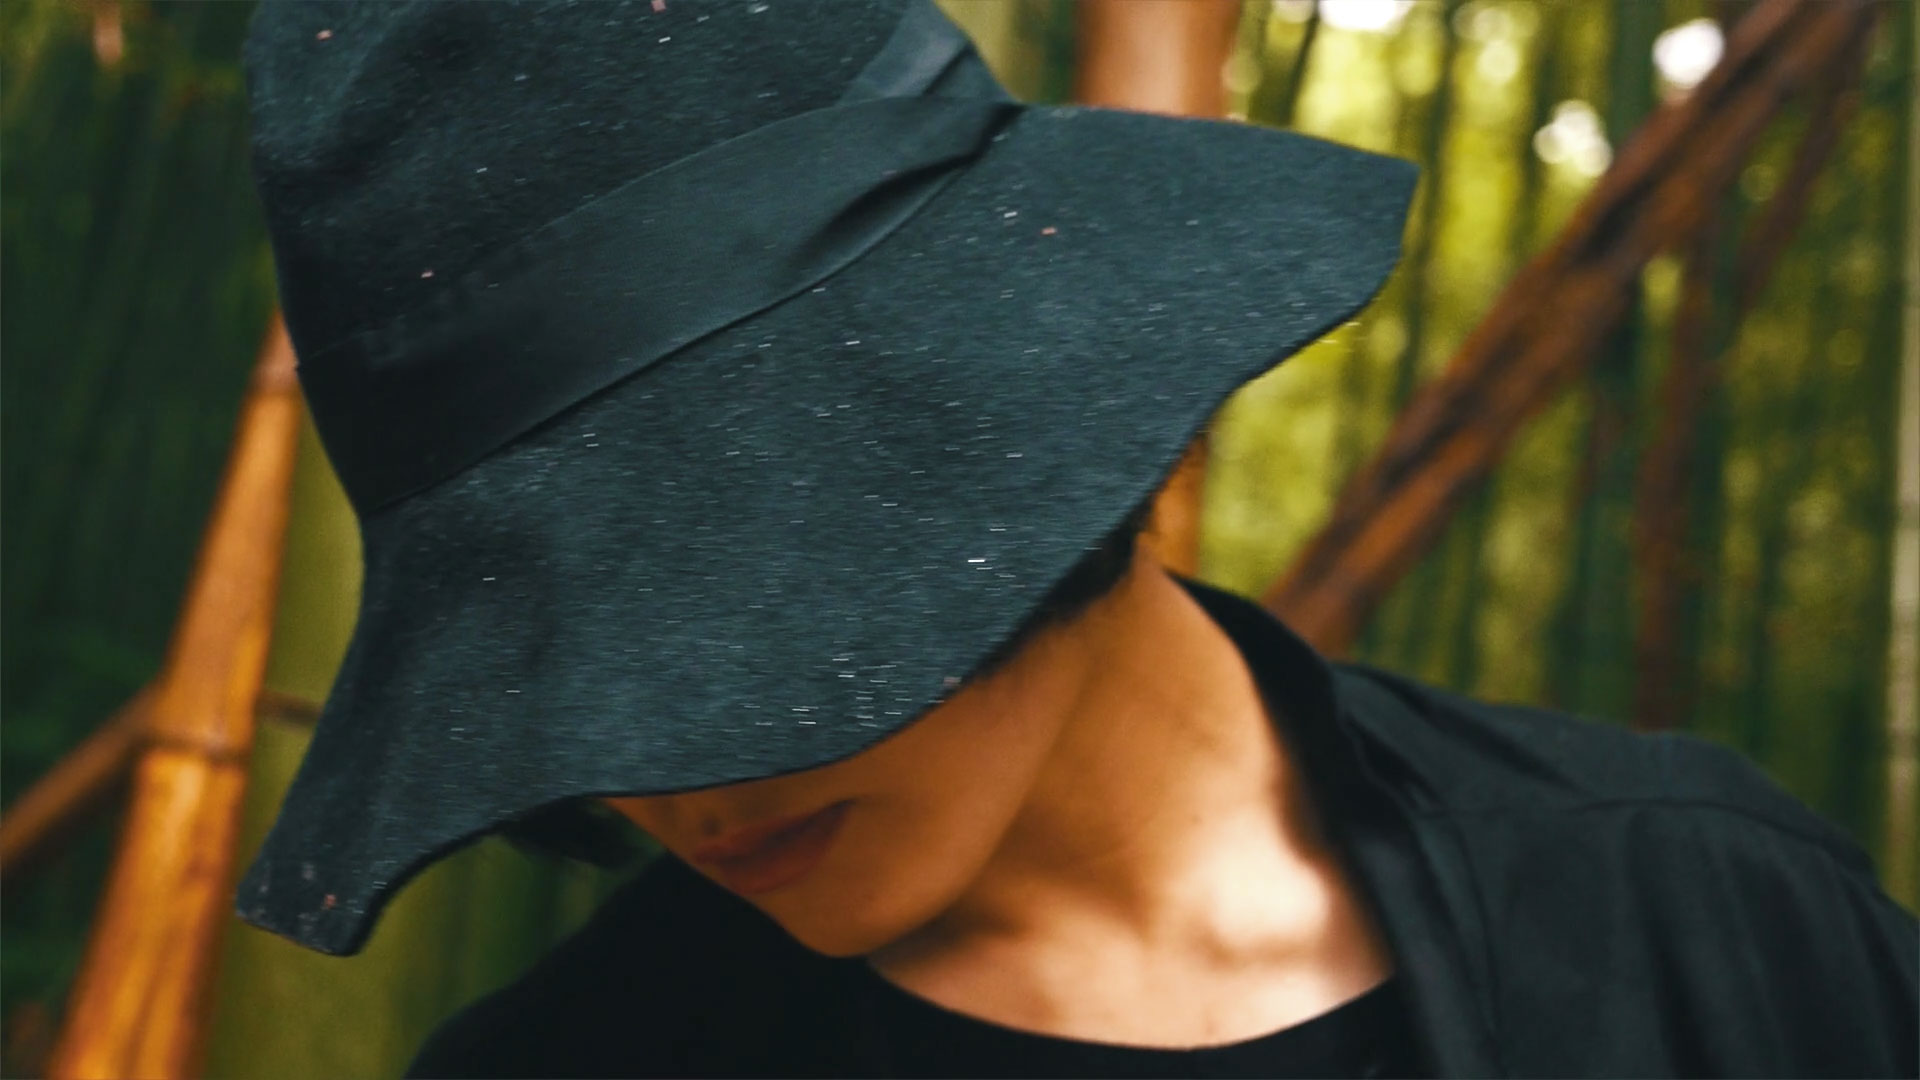 篁の託宣THE ORACLE IN THE BAMBOO FOREST